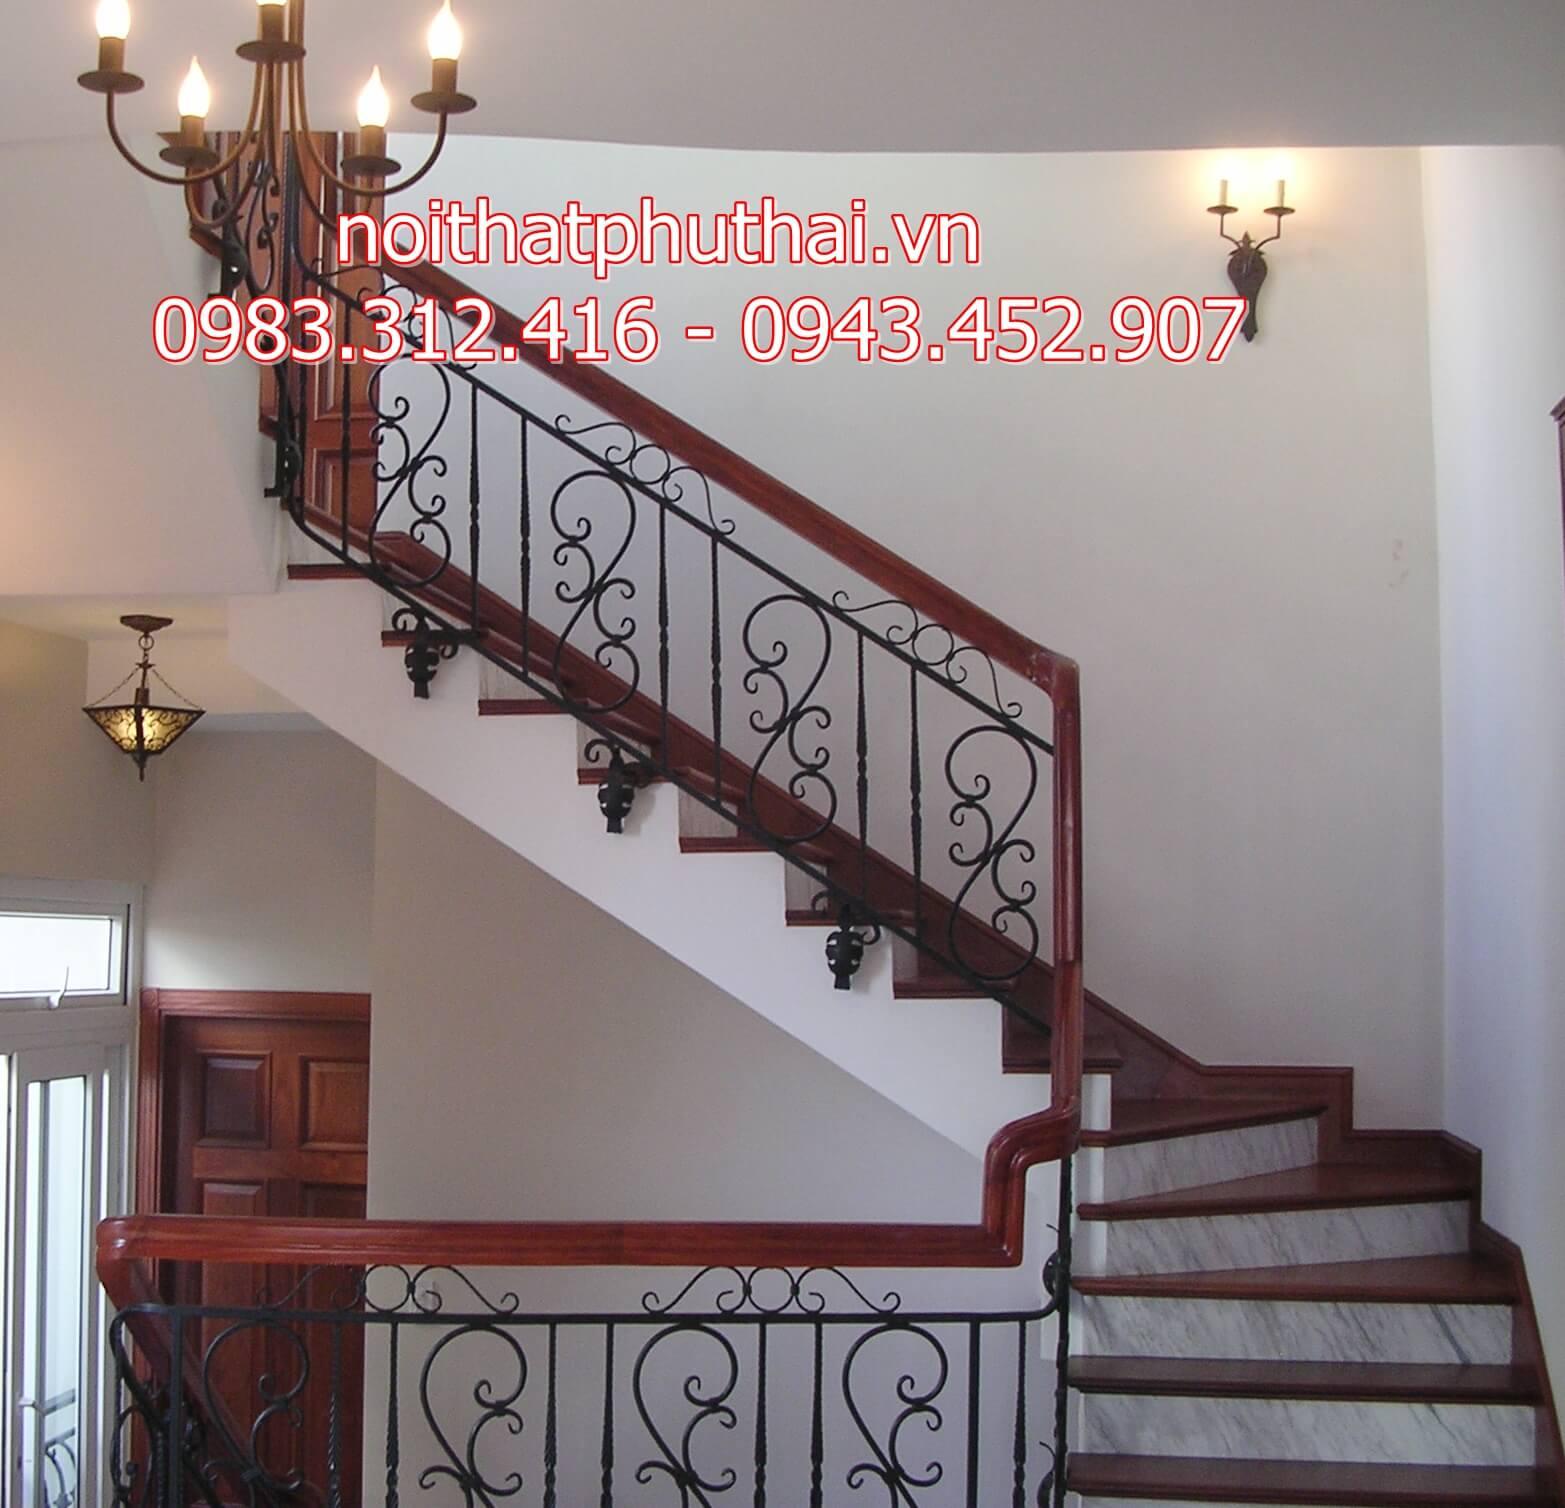 Cầu thang sắt nghệ thuật PT27